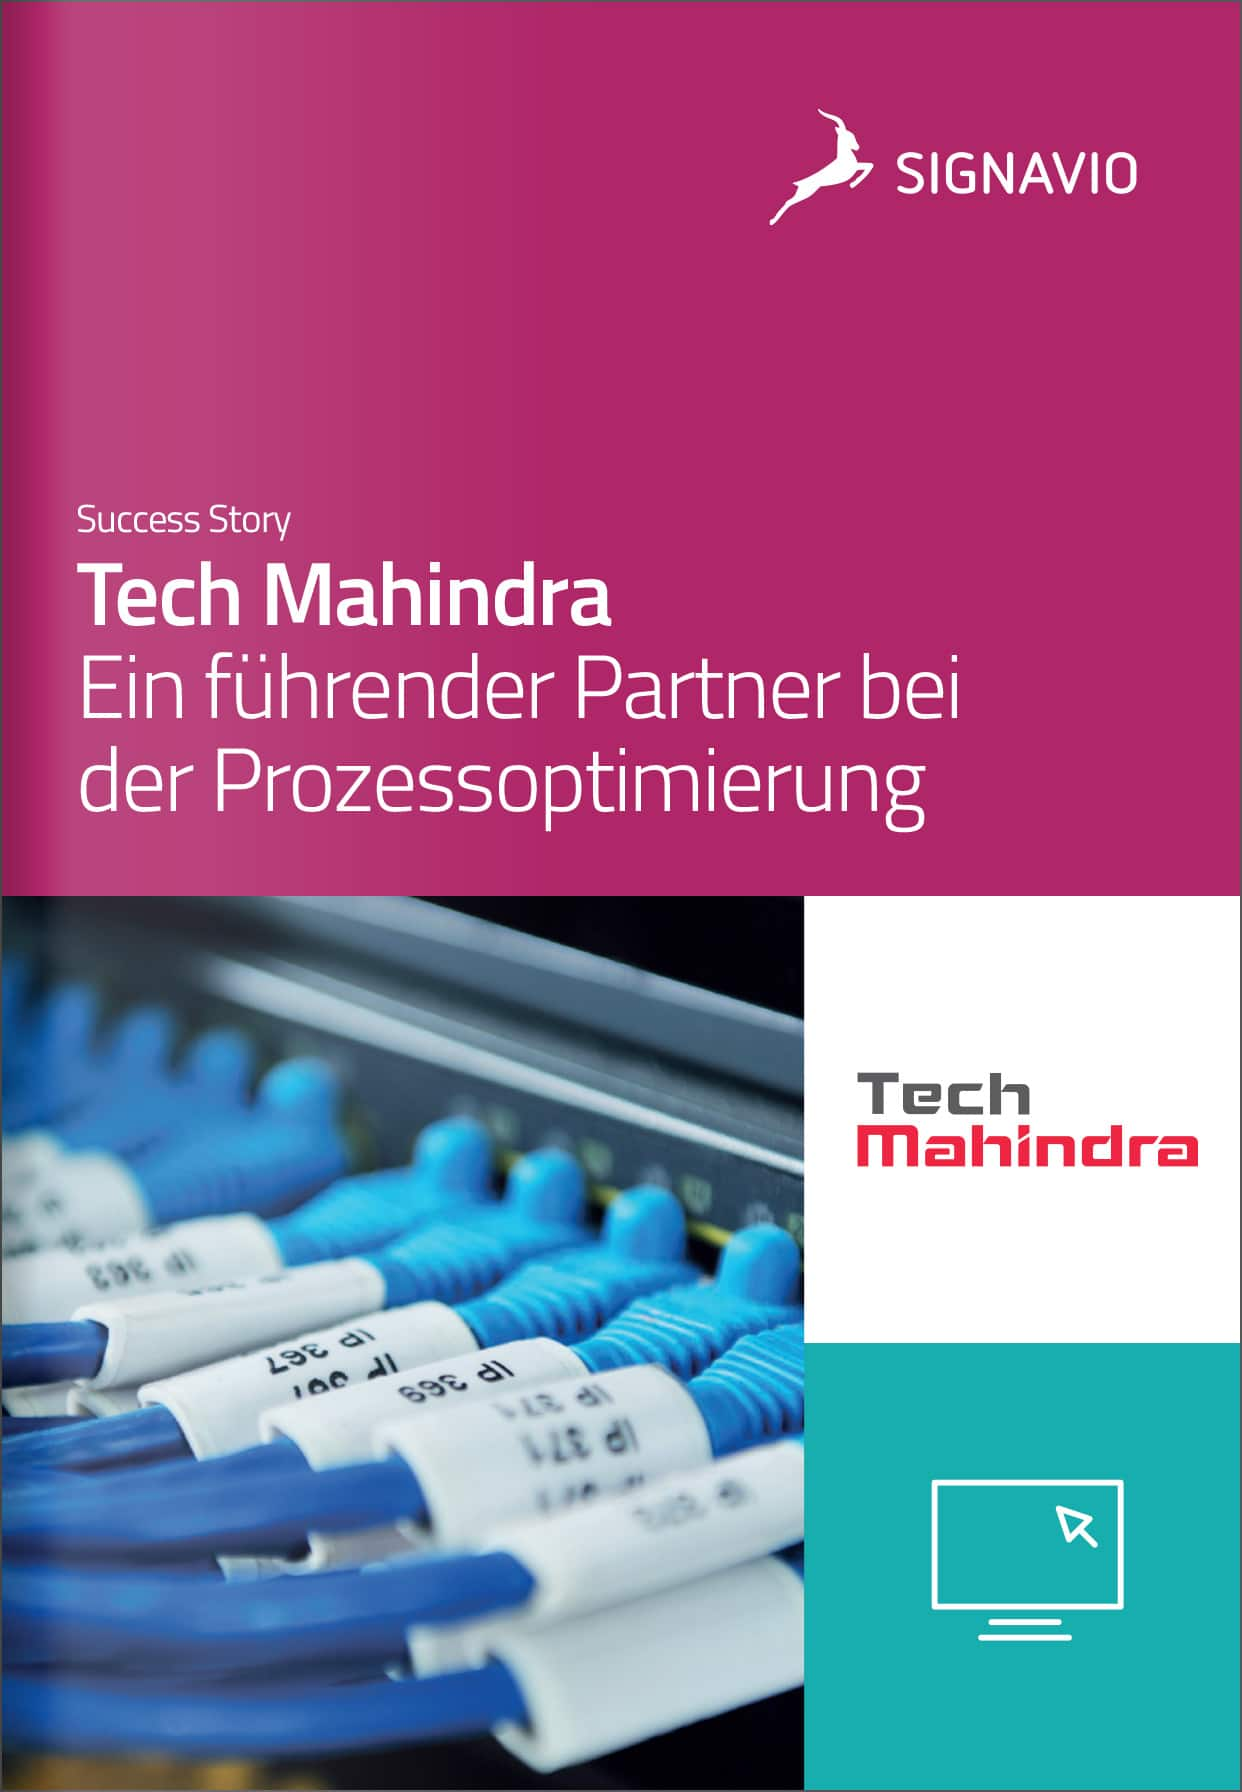 Success-Story-Titelbild-Tech-Mahindra